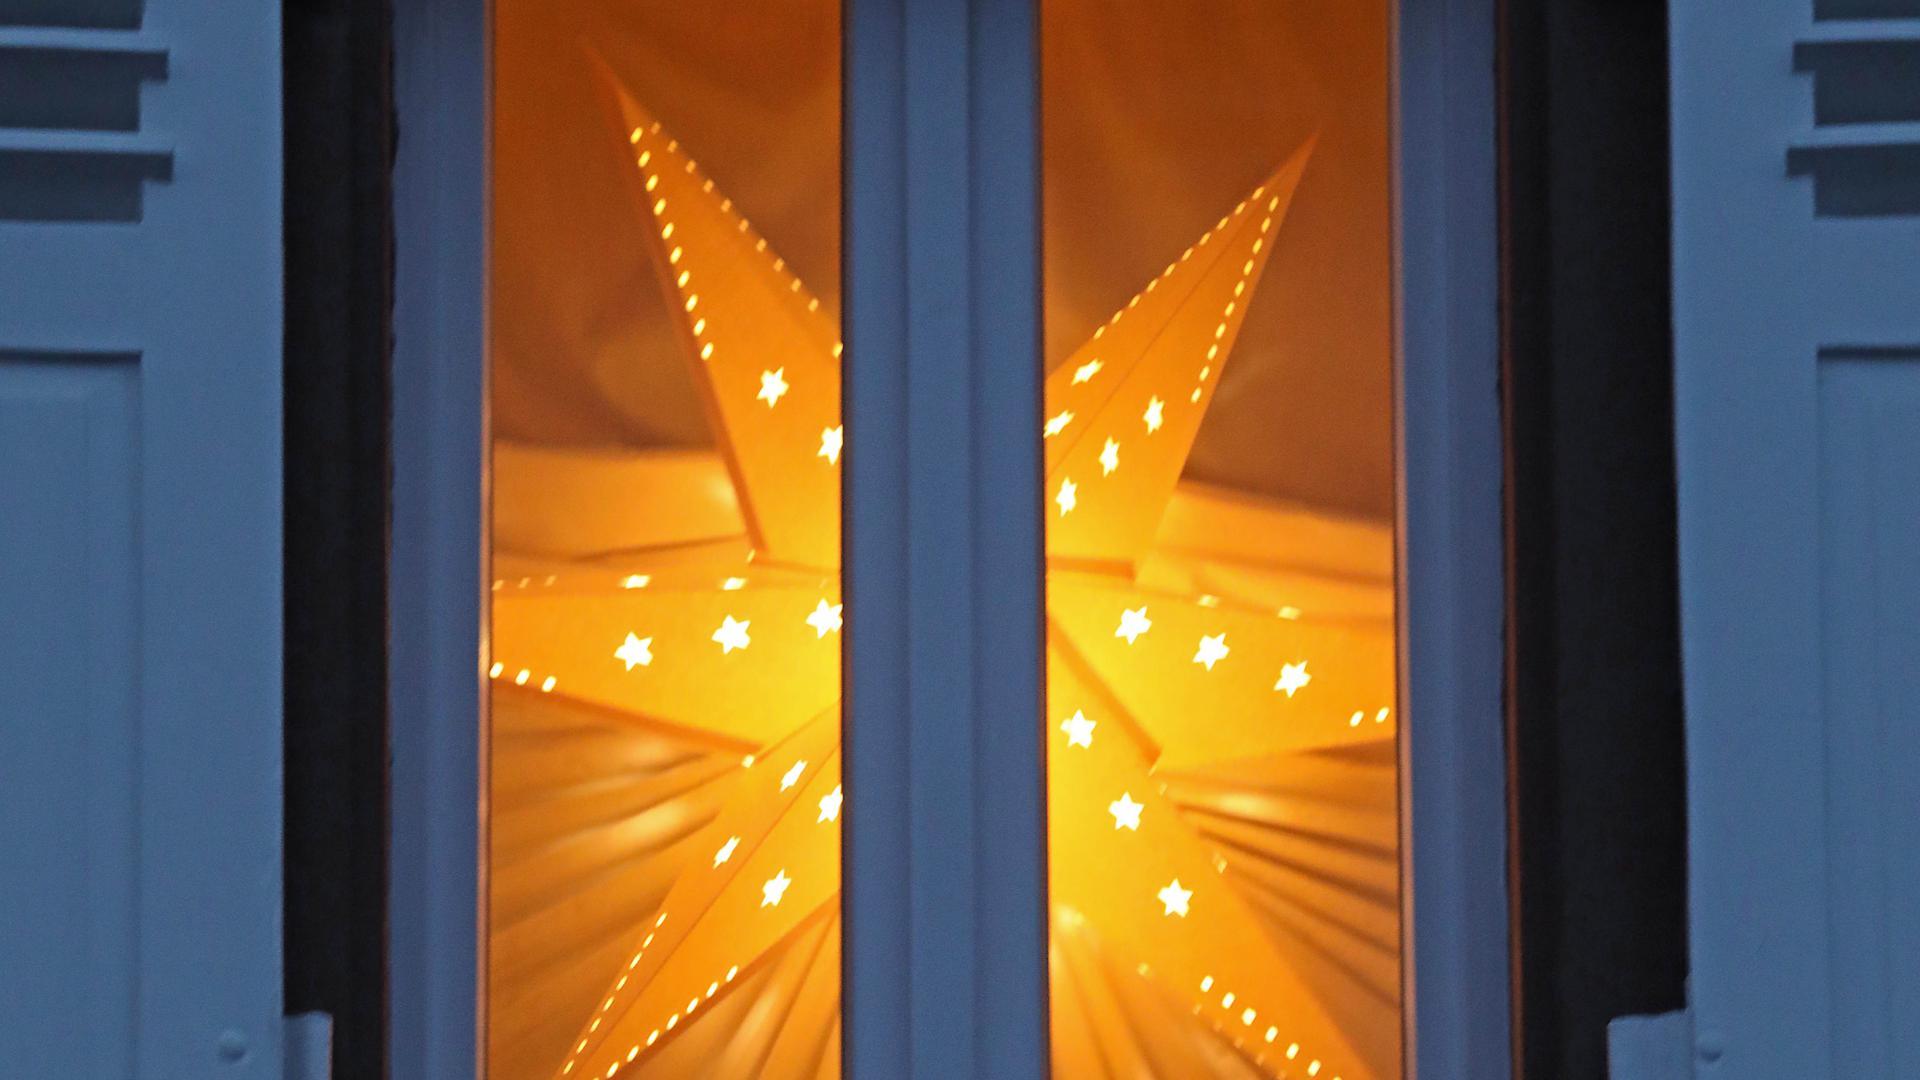 Ein gelber Weihnachtsstern leuchtet in einem dekorierten Fenster.